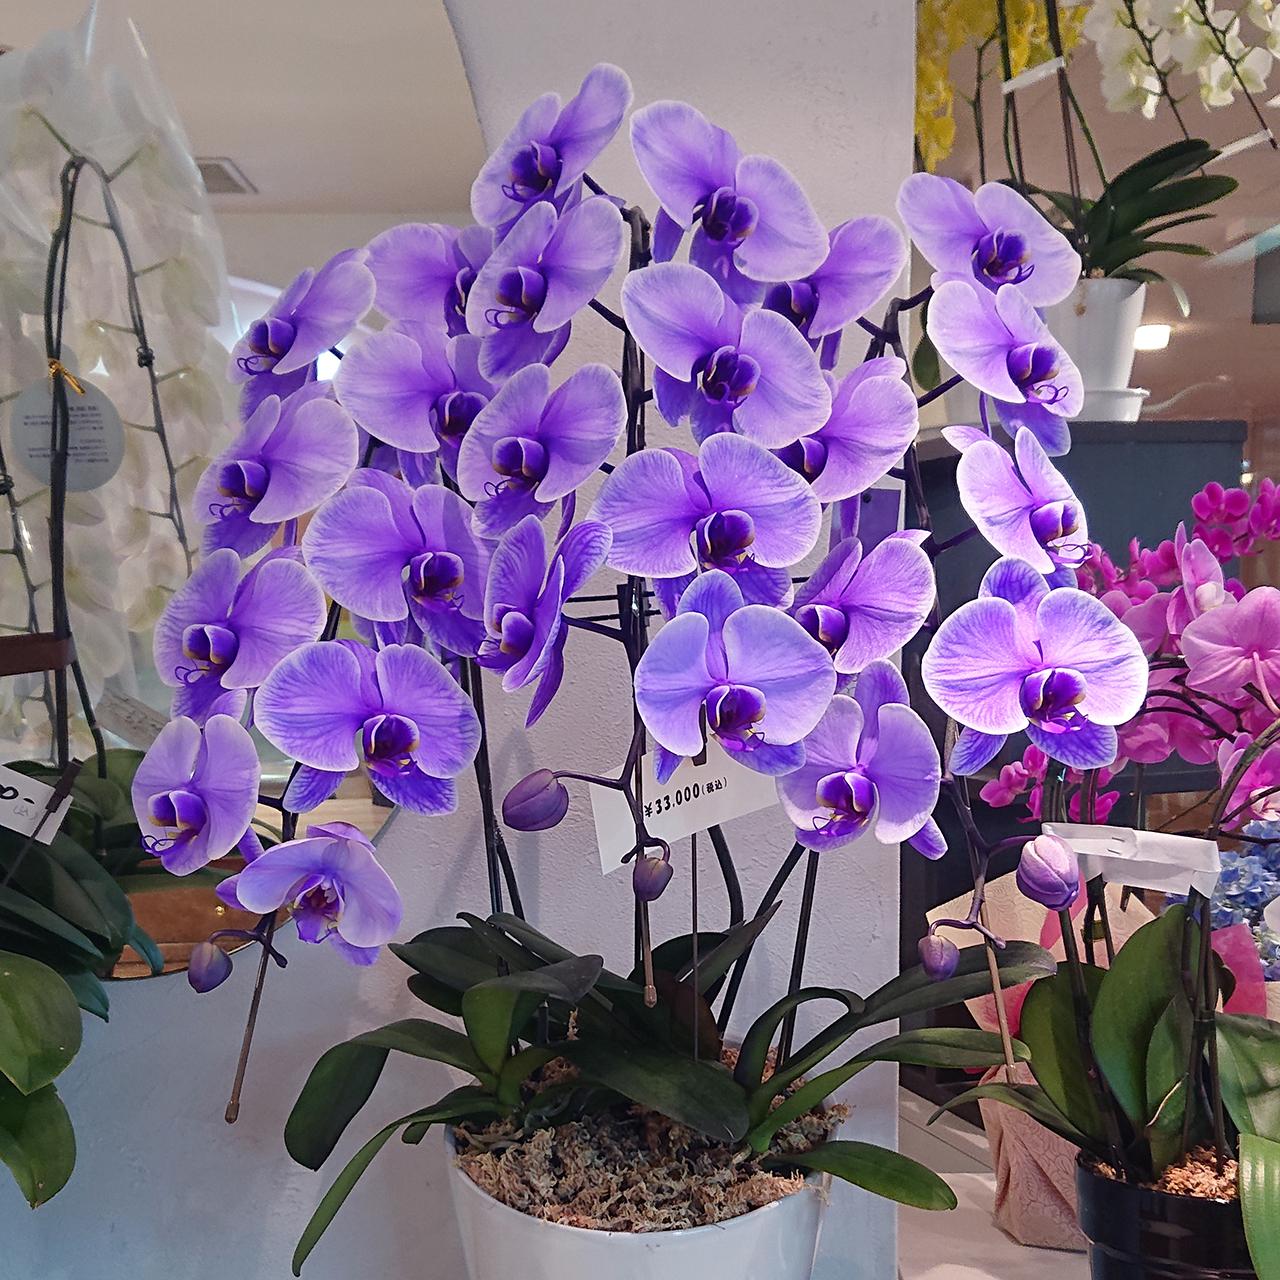 【限定1鉢!】紫色の胡蝶蘭(3本立)入荷しました